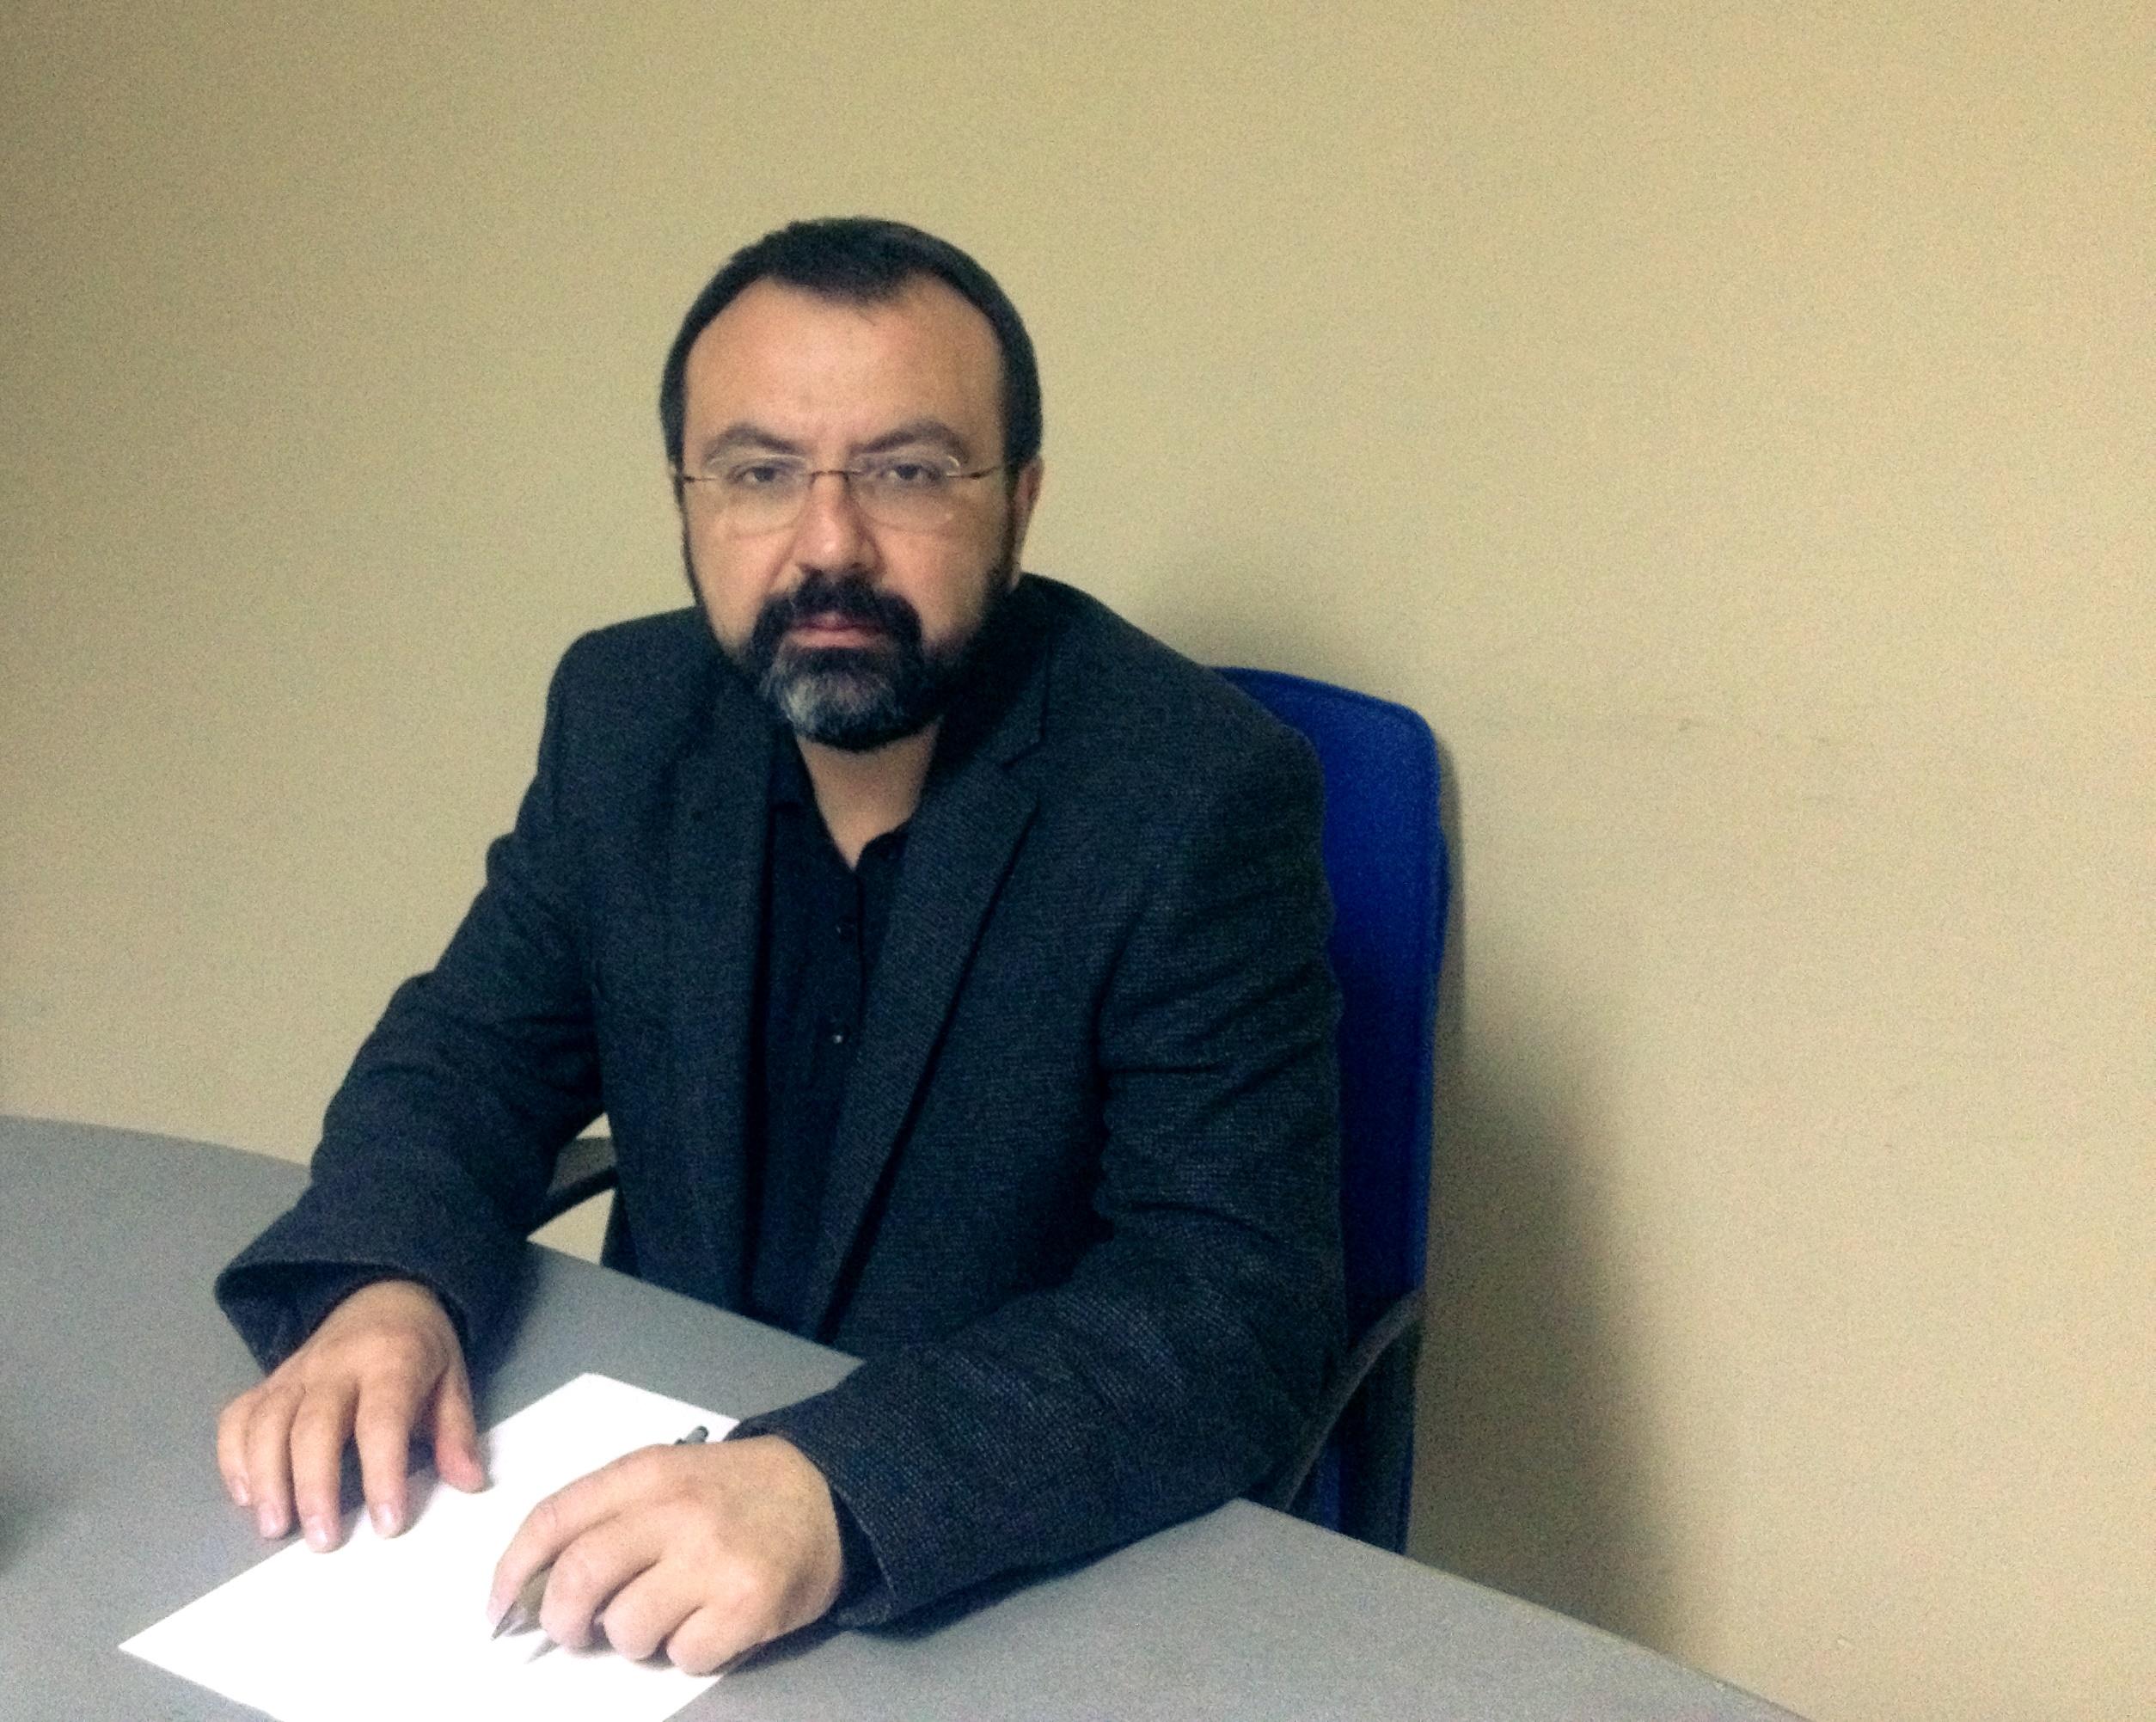 RÖPORTAJ | Bilgütay Hakkı Durna: Yeni Anayasa meşru belge haline dönüşemez